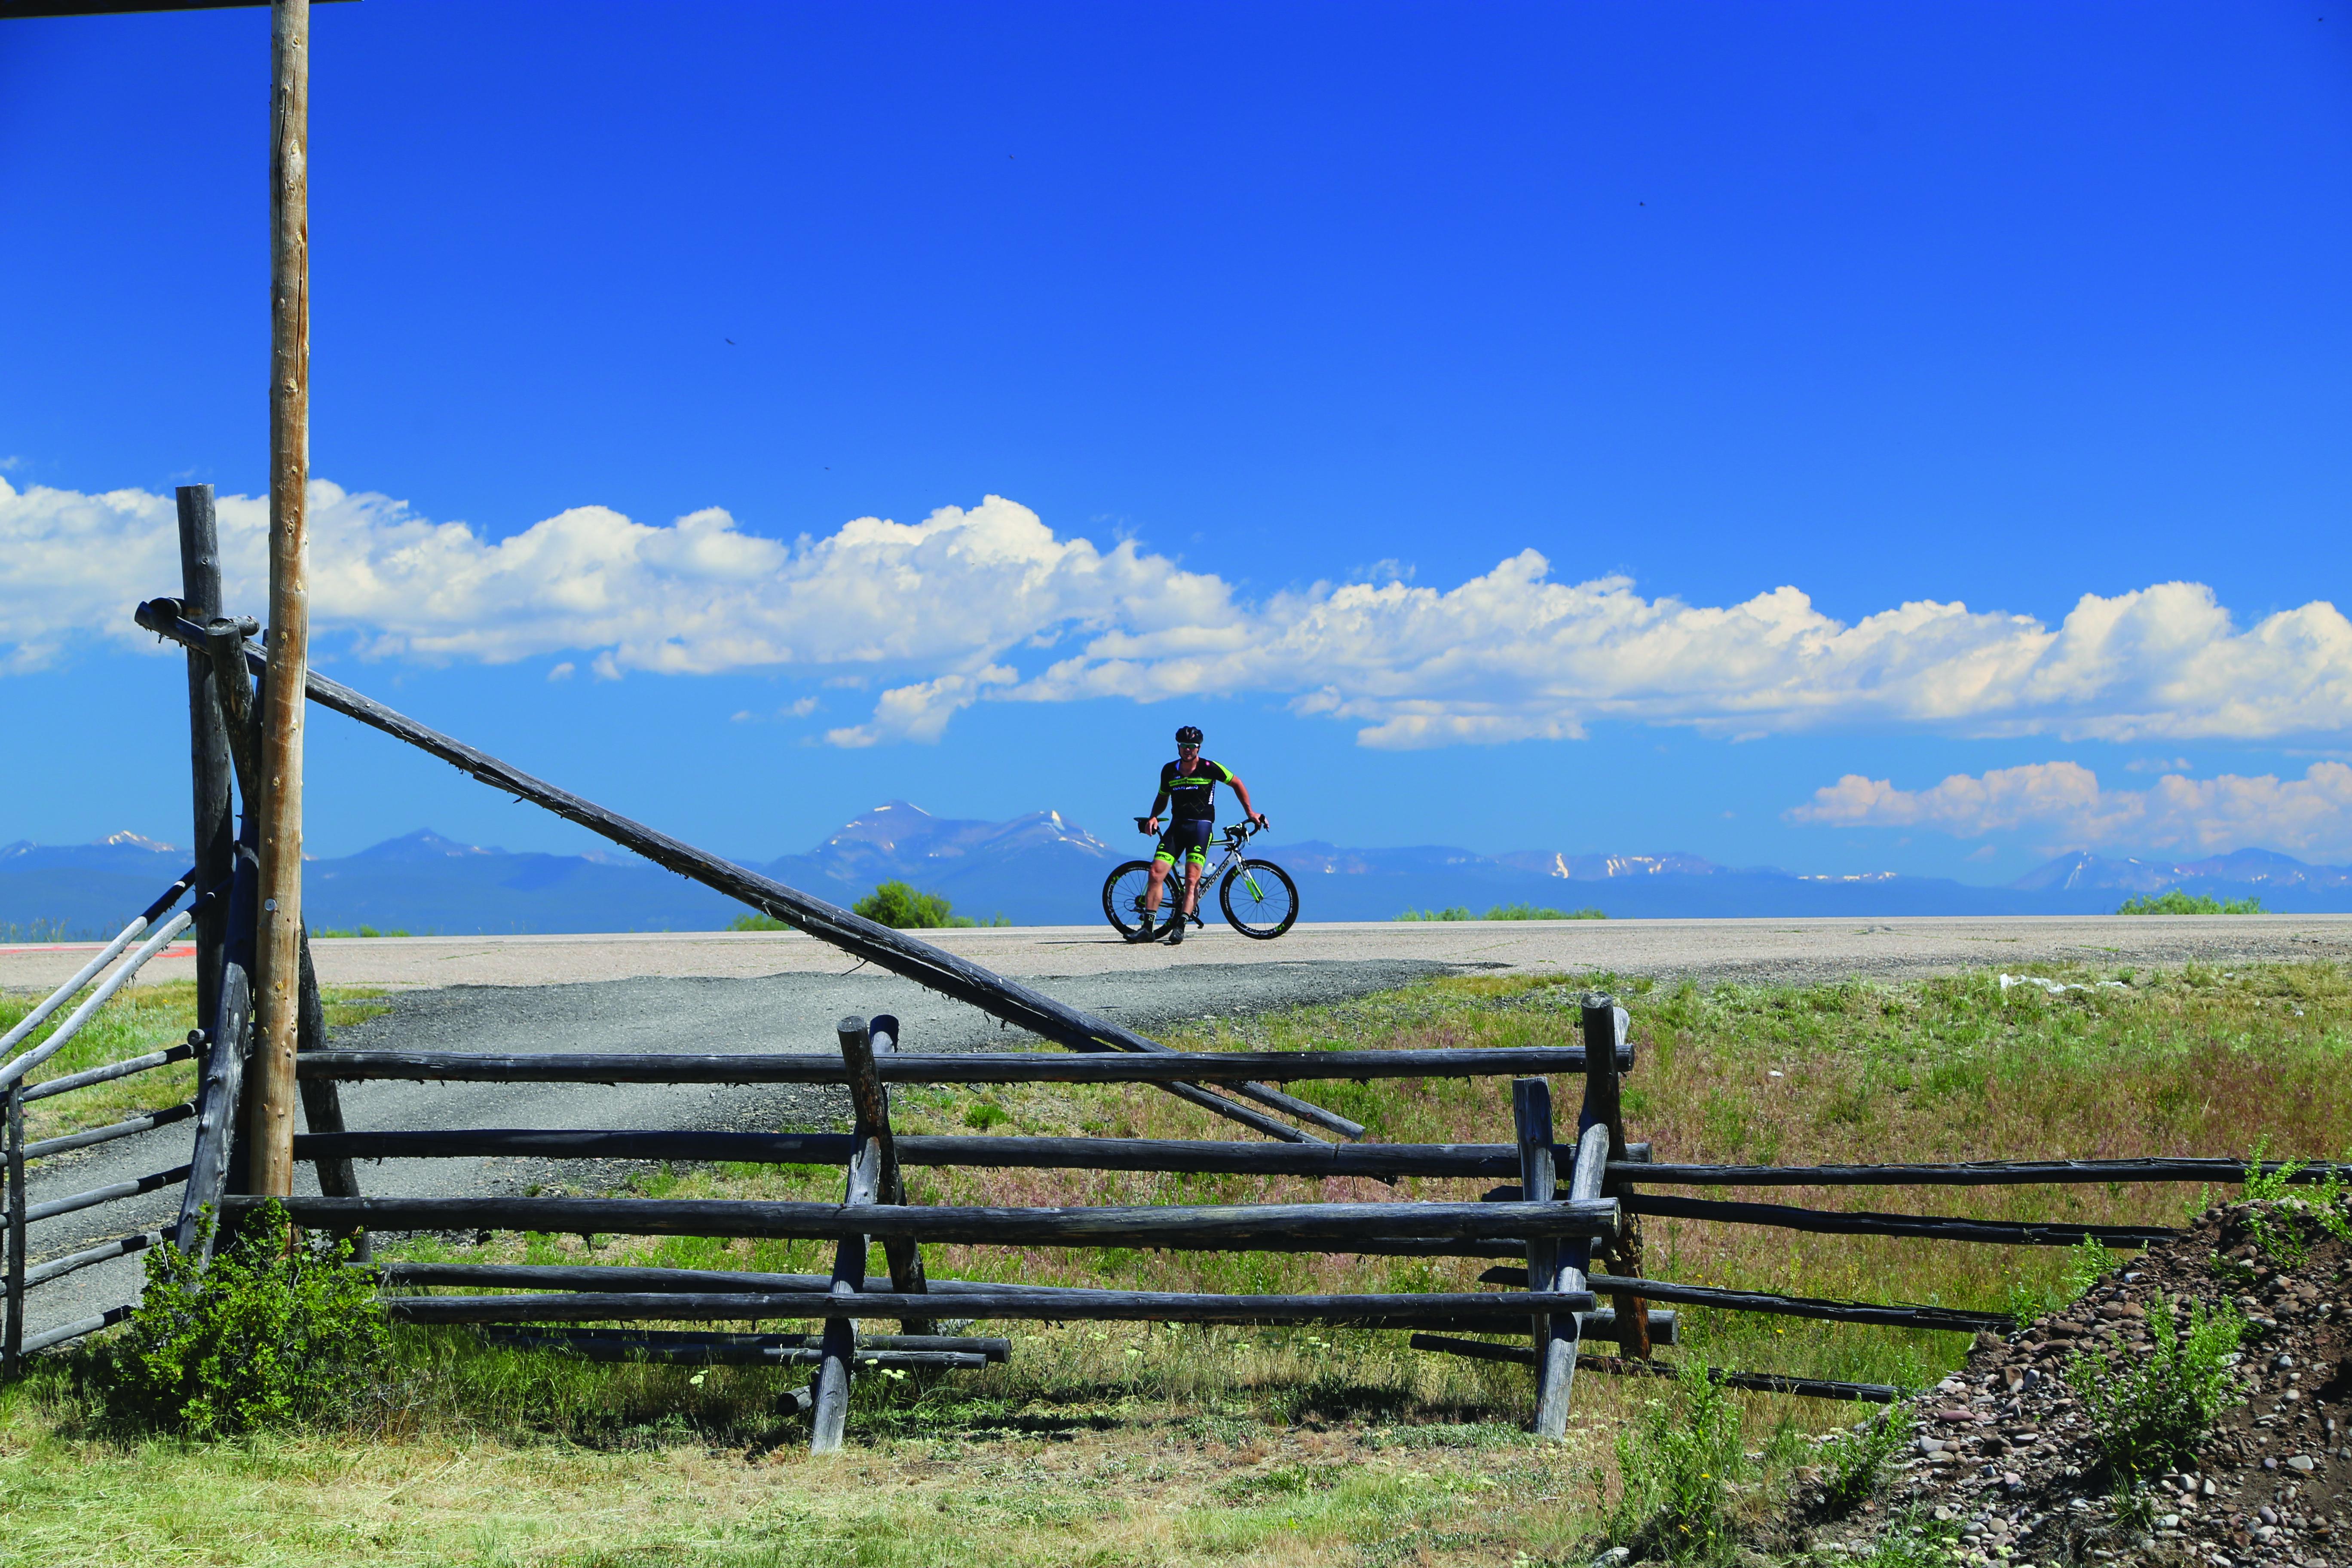 Frank Brummer on bike